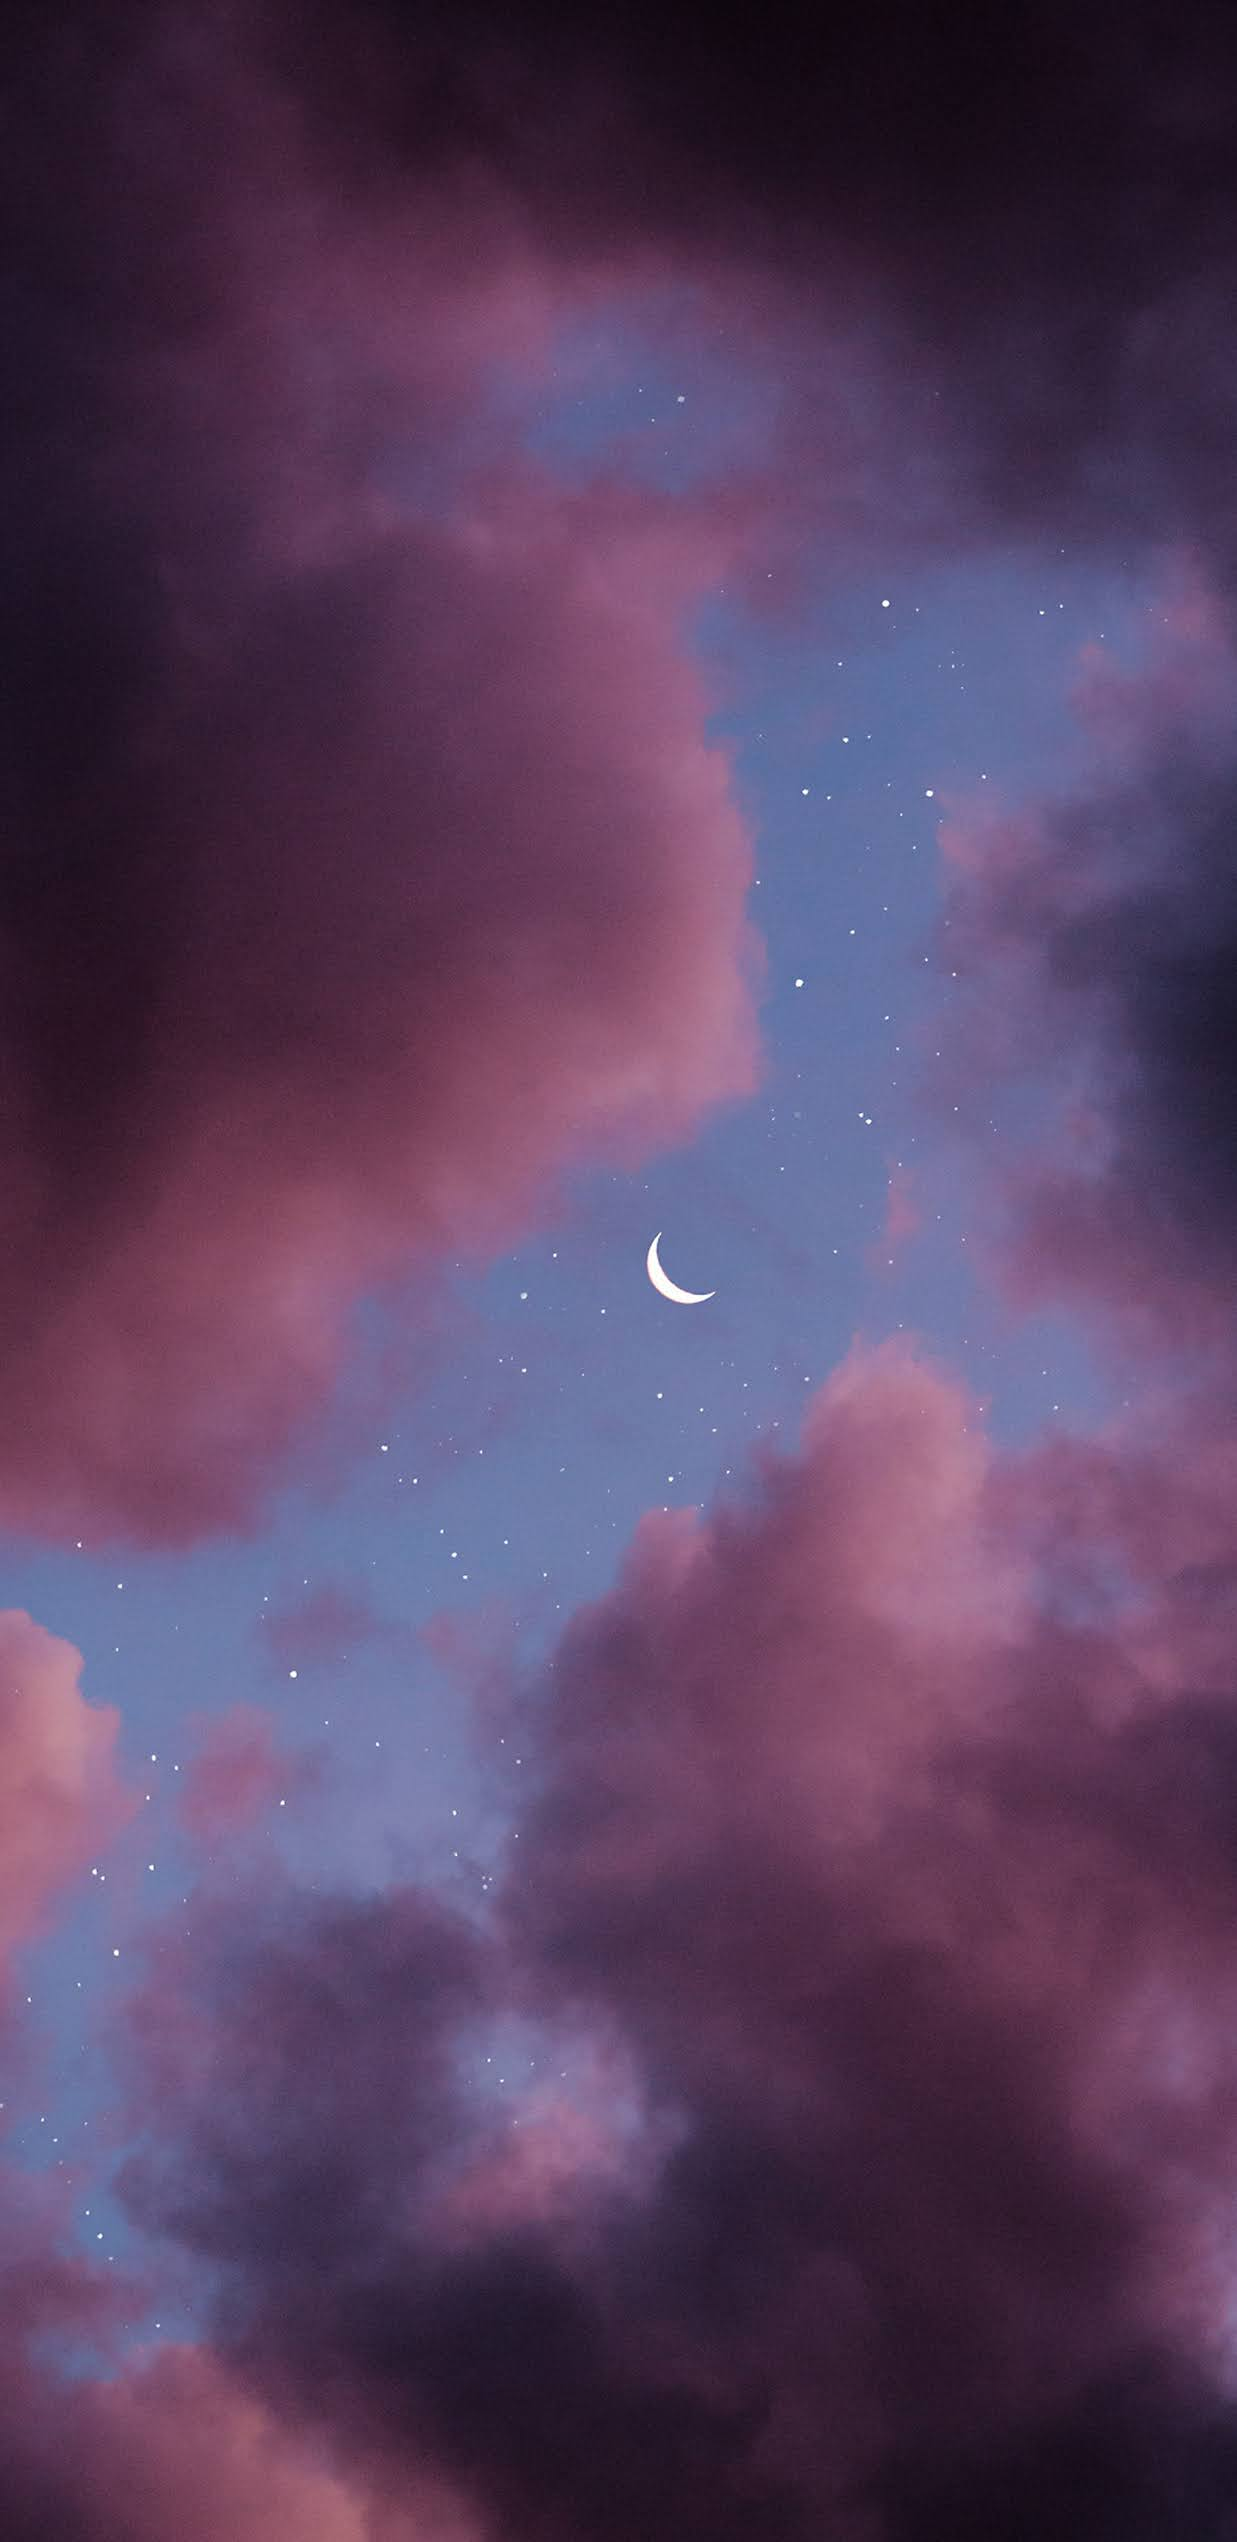 Vầng trăng khuyết trên bầu đầy mây hồng